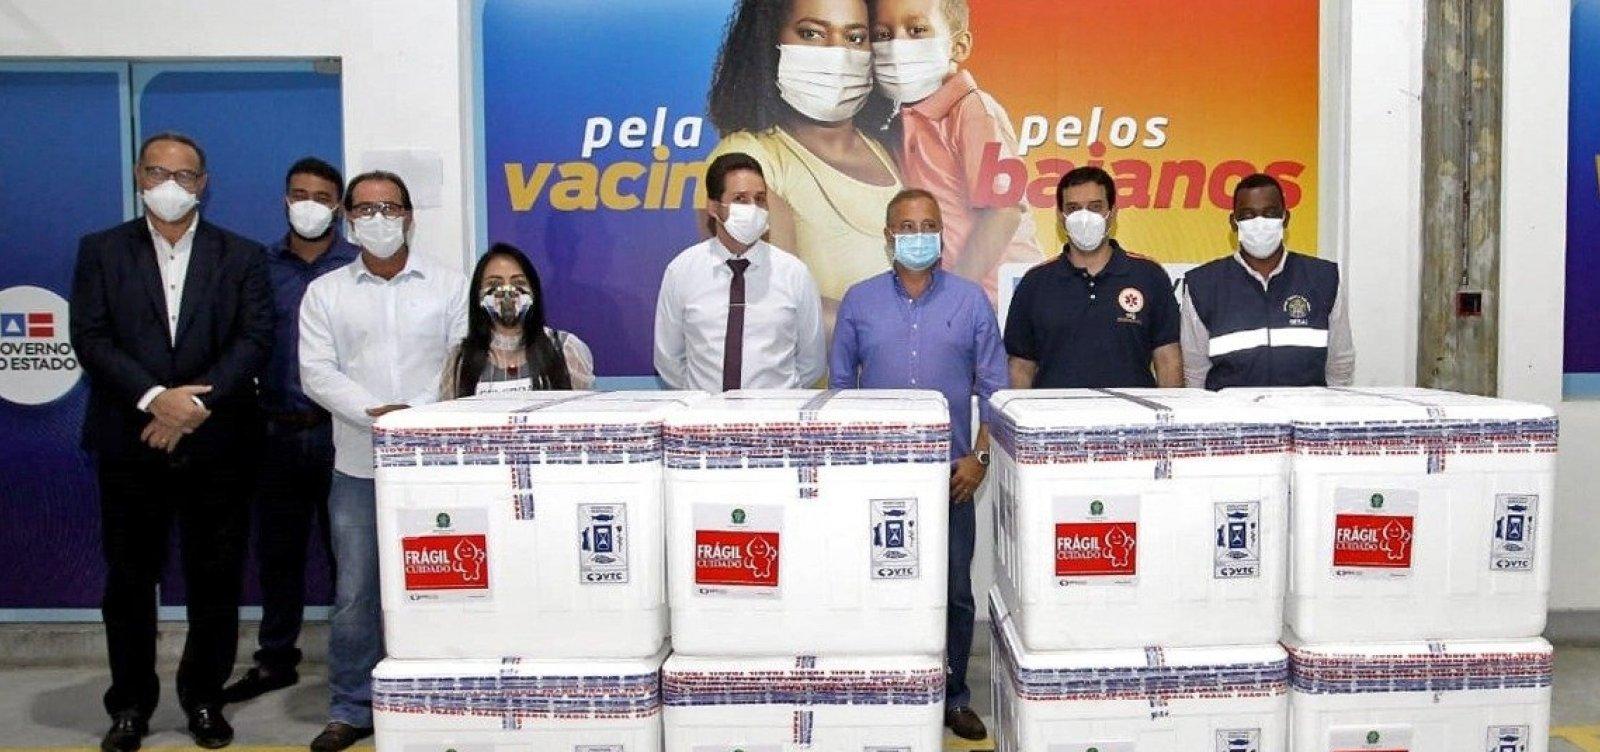 [Bahia recebe 376 mil vacinas; distribuição é iniciada]